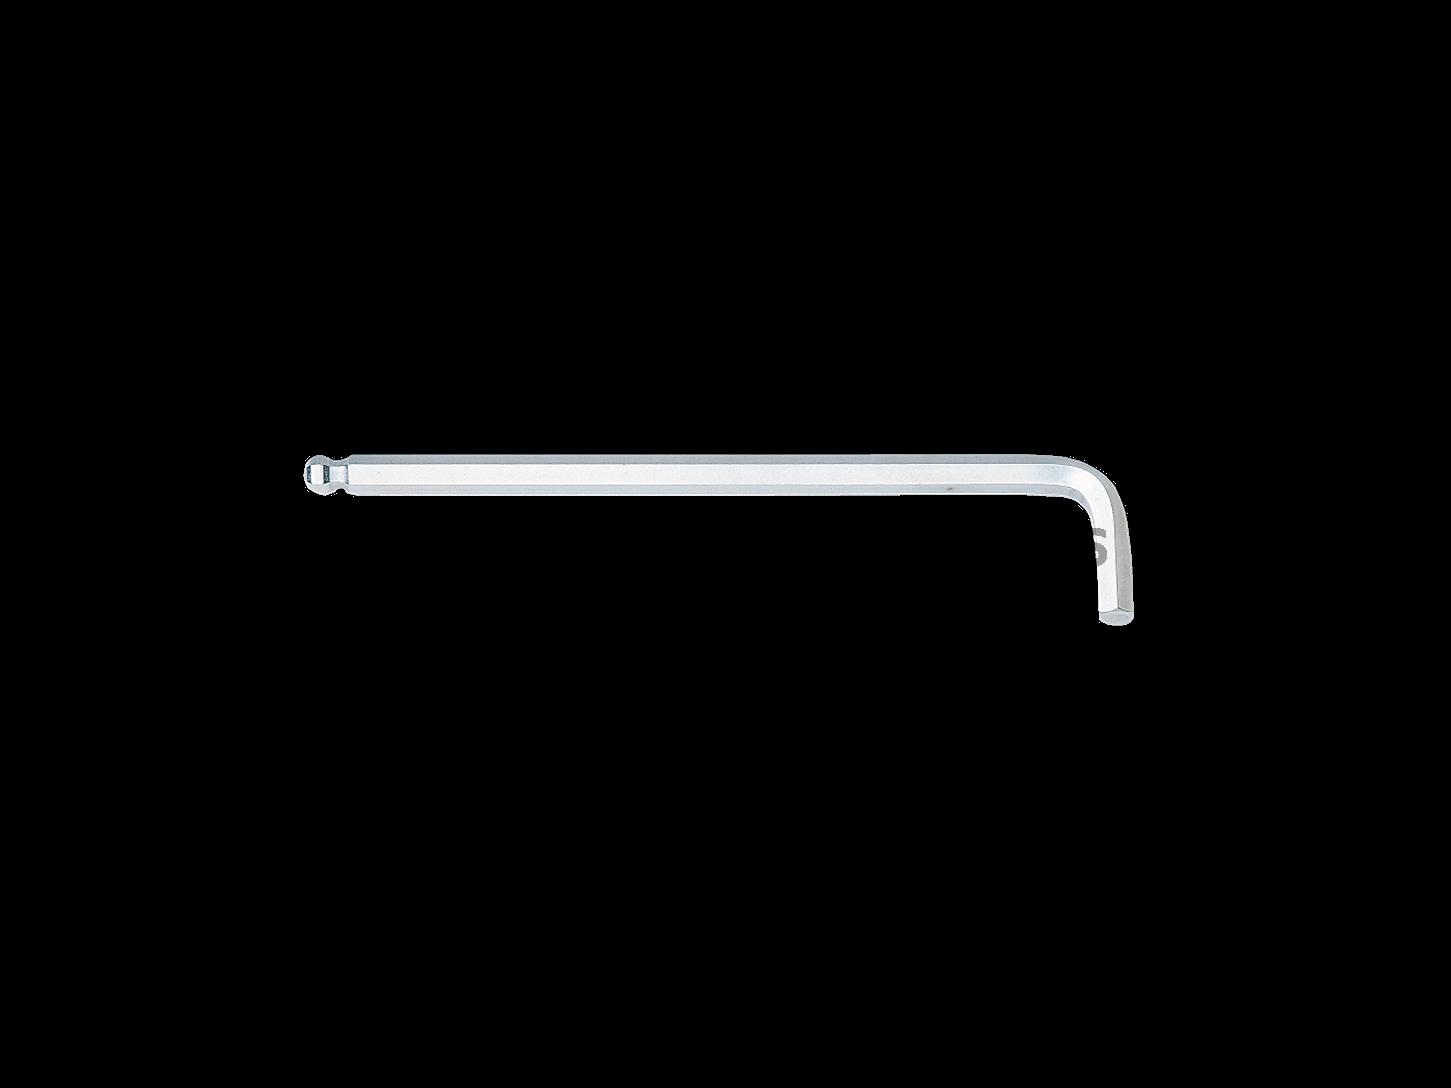 ประแจ  ยาว ชุบขาว ปลายบอลล์ 130 มม 3  HLD250-3